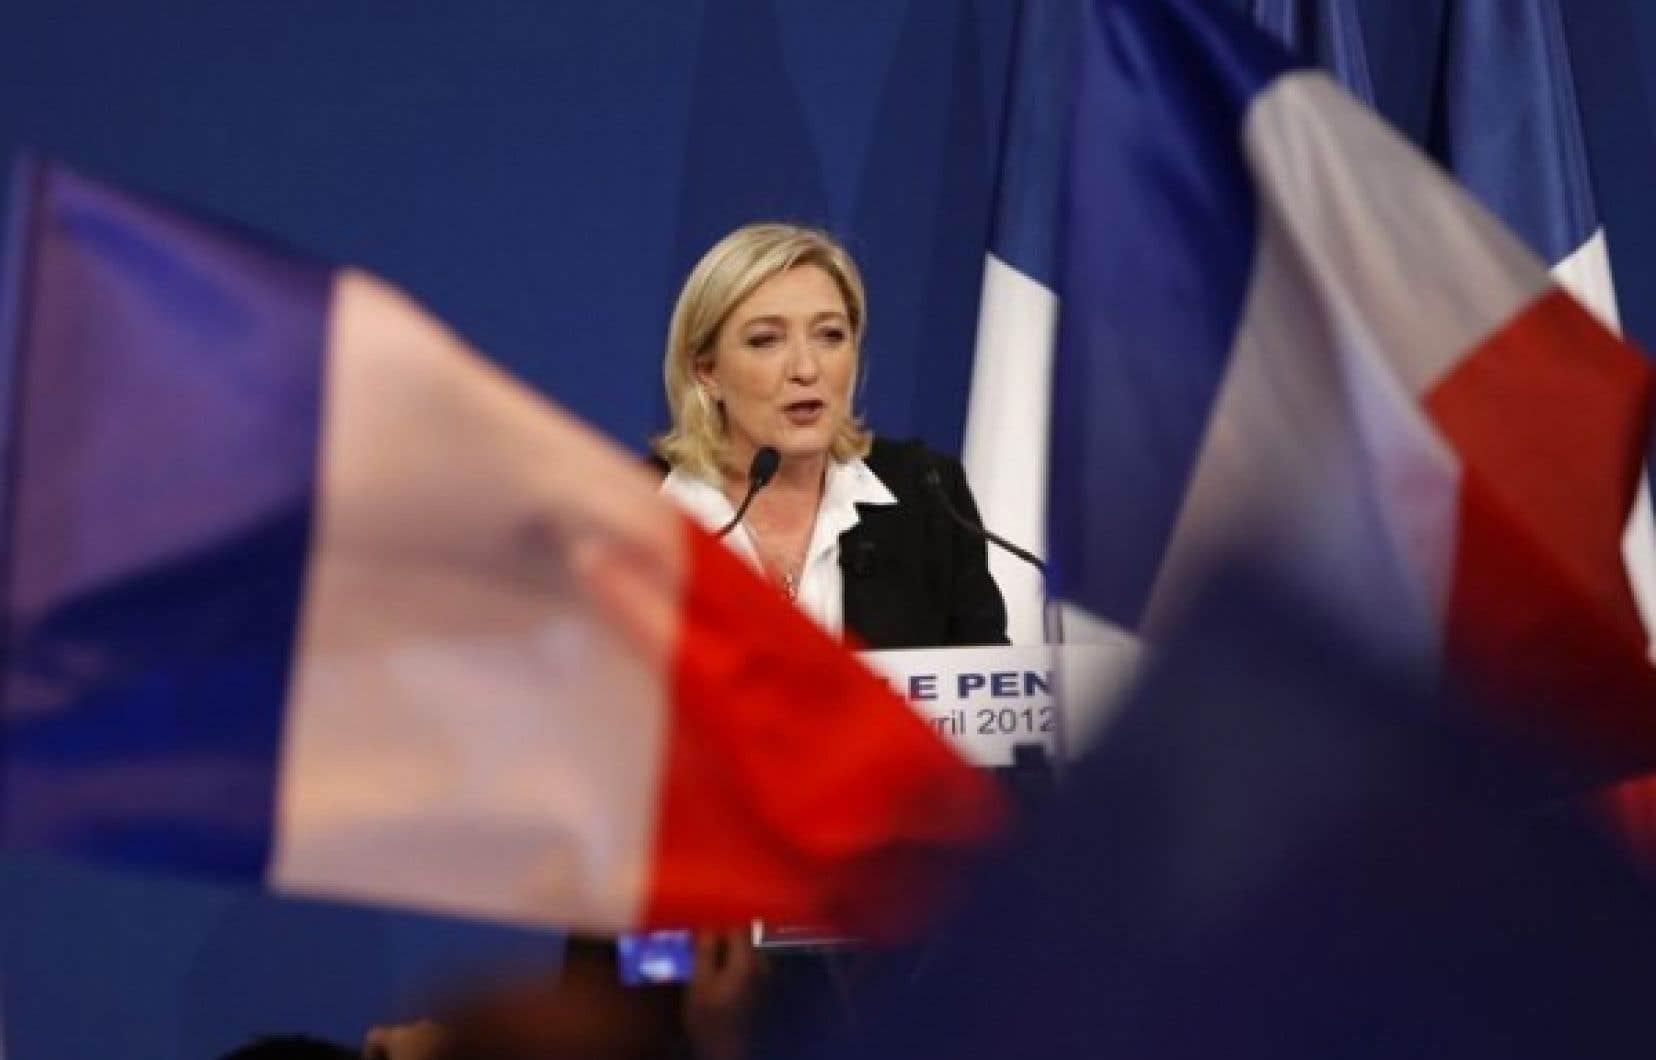 Le Front national de Marine Le Pen a récolté 17,9 % des voix lors du premier tour présidentiel.